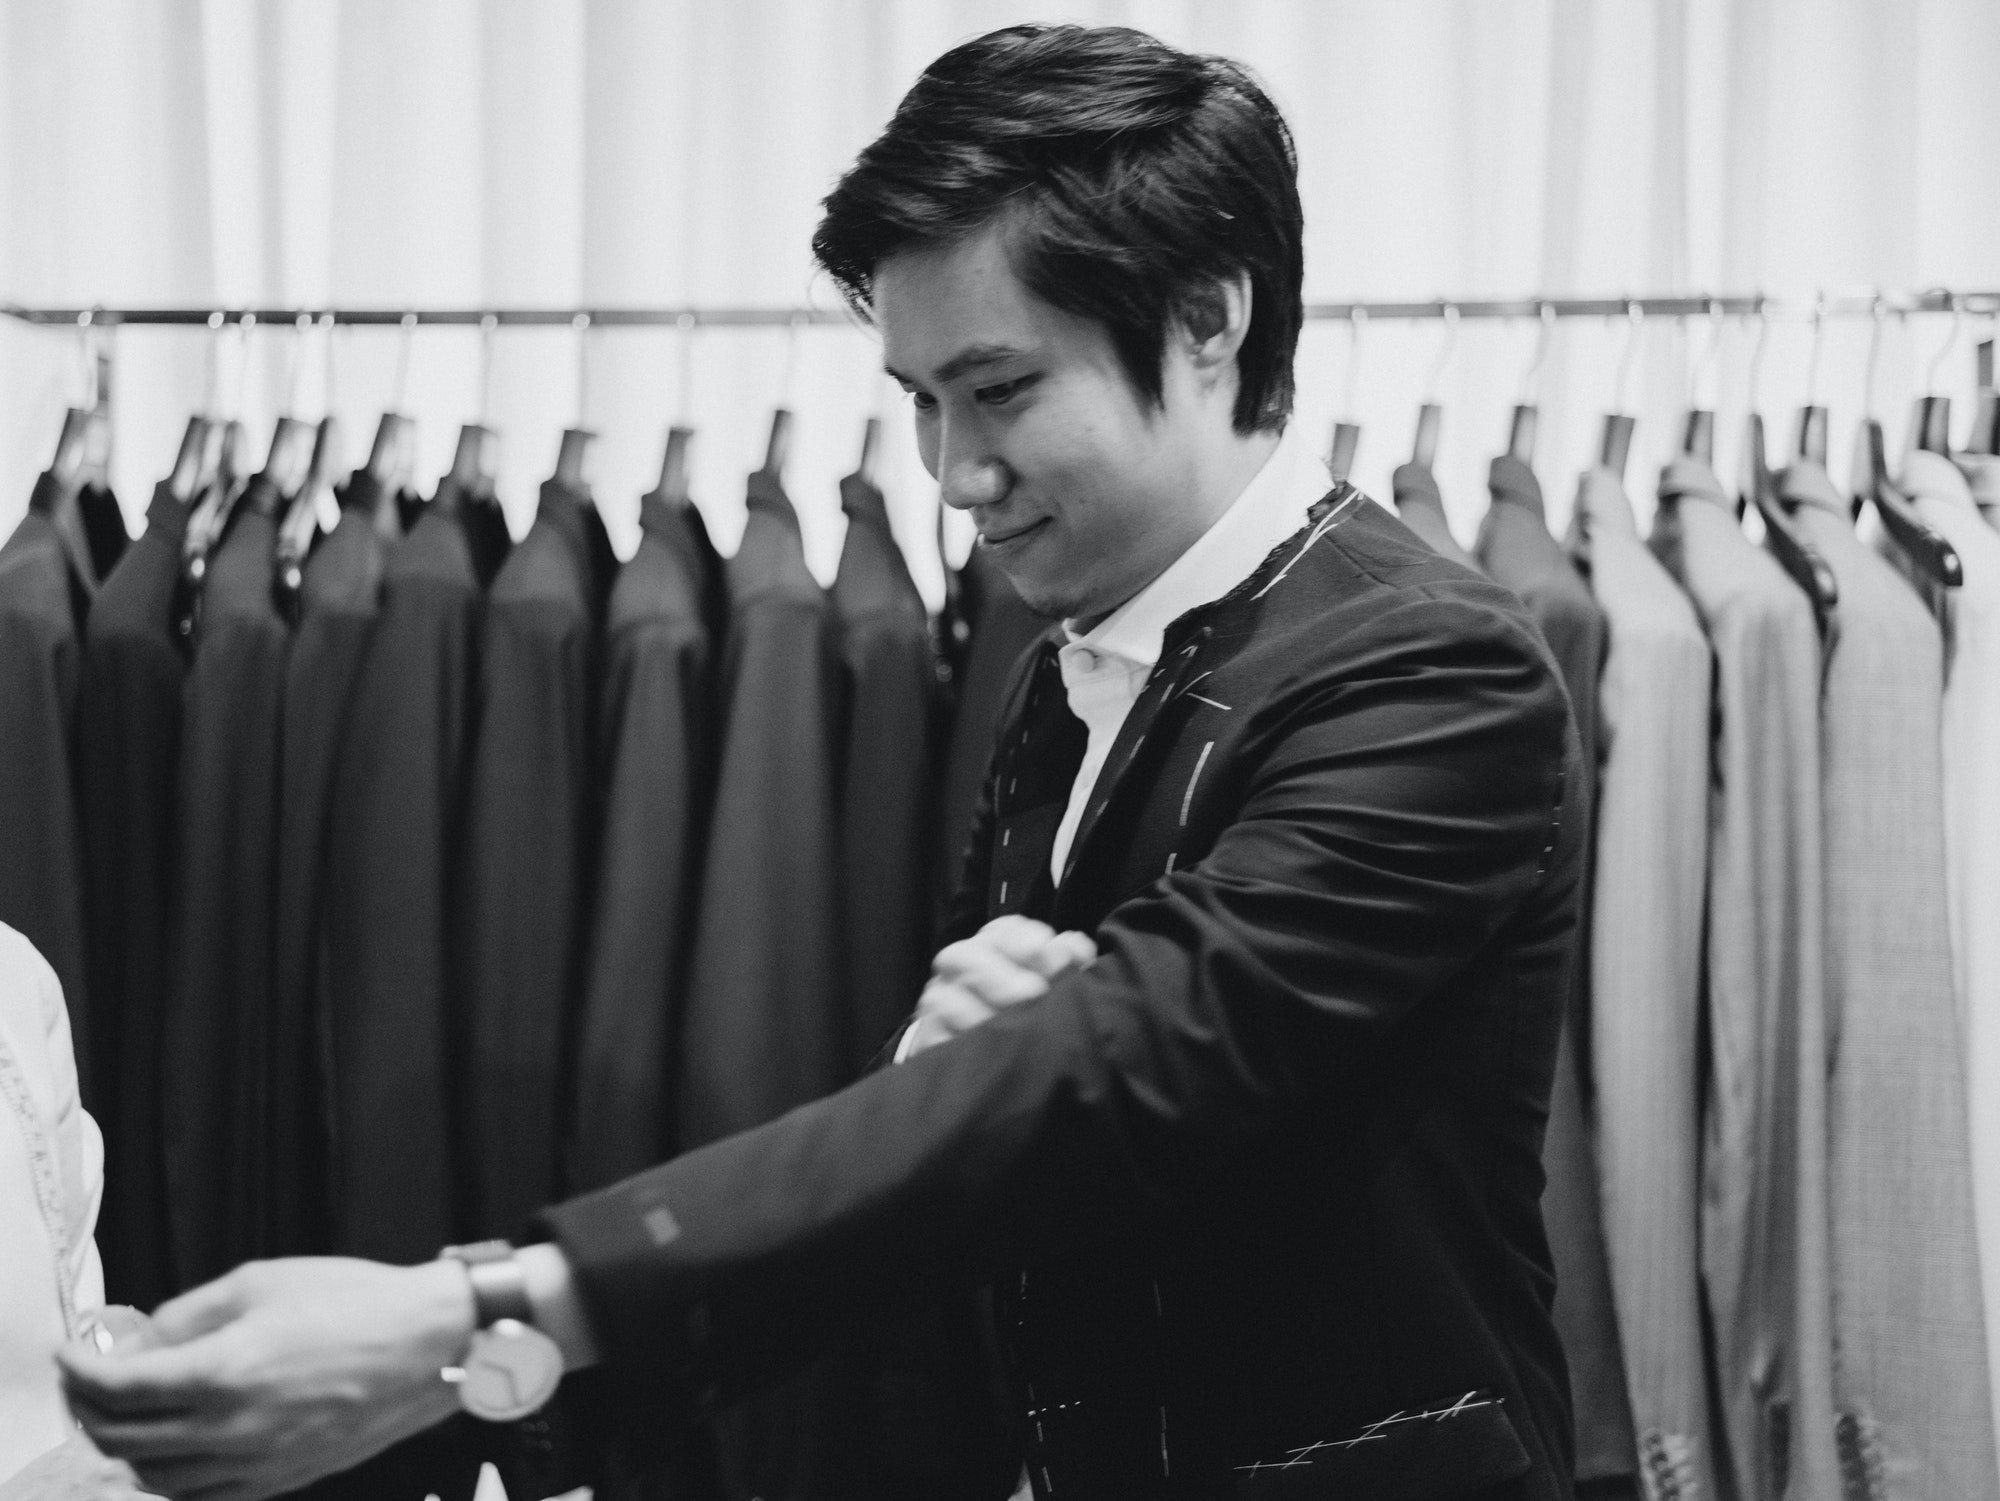 Groom fitting tuxedo